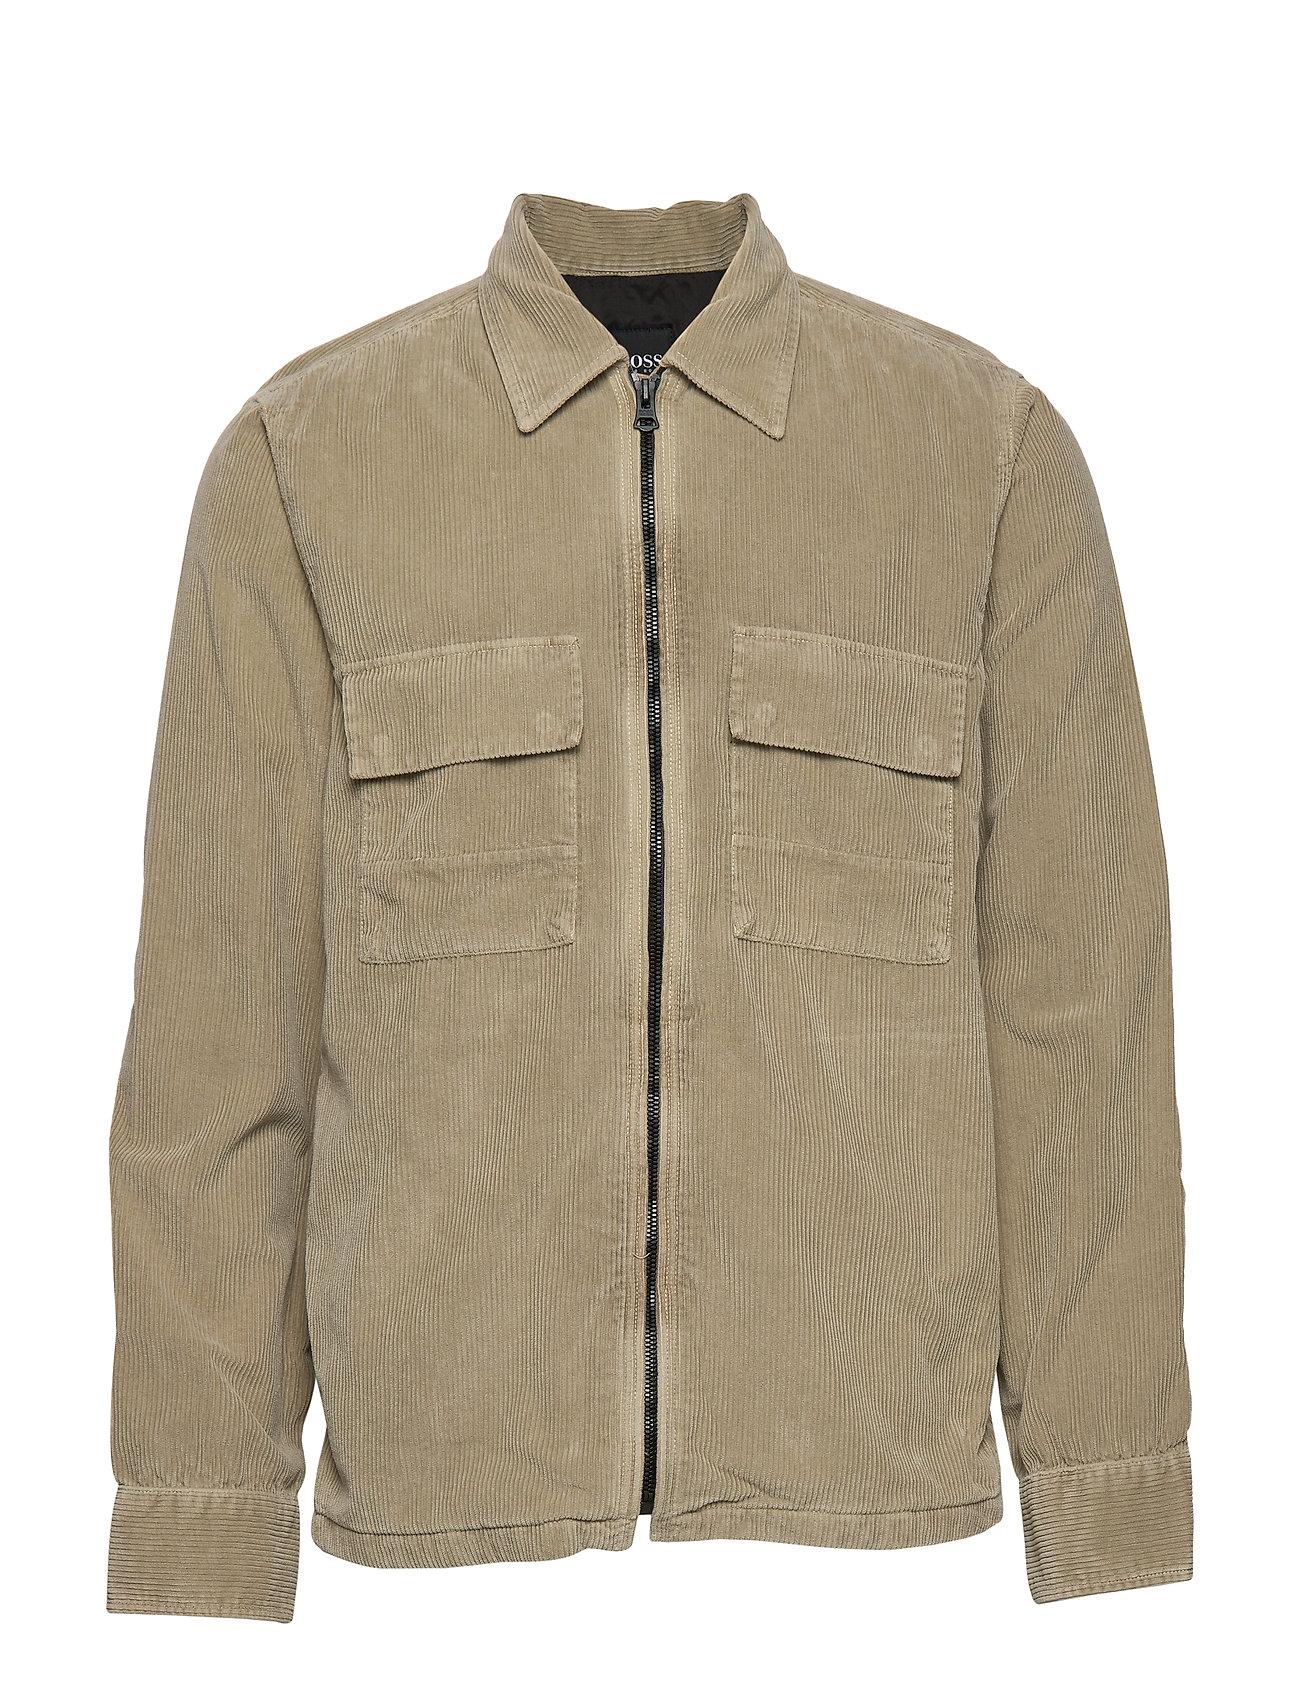 Boss Casual Wear Lovel-zip_2 - MEDIUM BEIGE